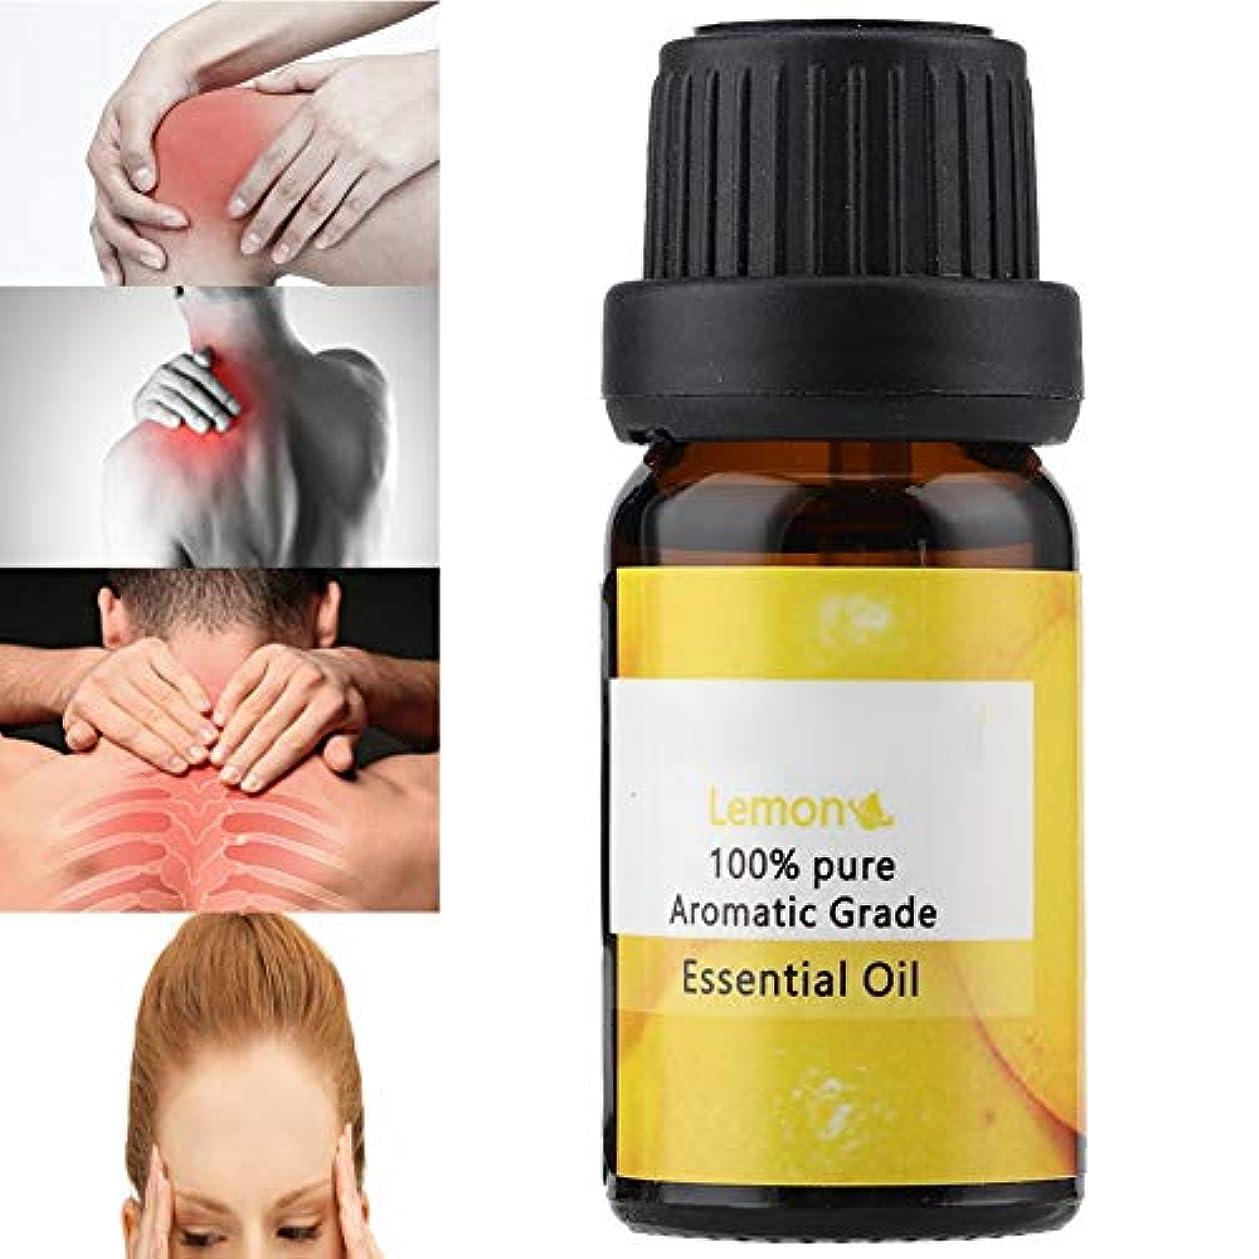 オリエント発見傷つけるエッセンシャルオイル10mlレモンボディマッサージスキンケアボディマッサージ用の保湿オイル痛み不安緩和睡眠を改善